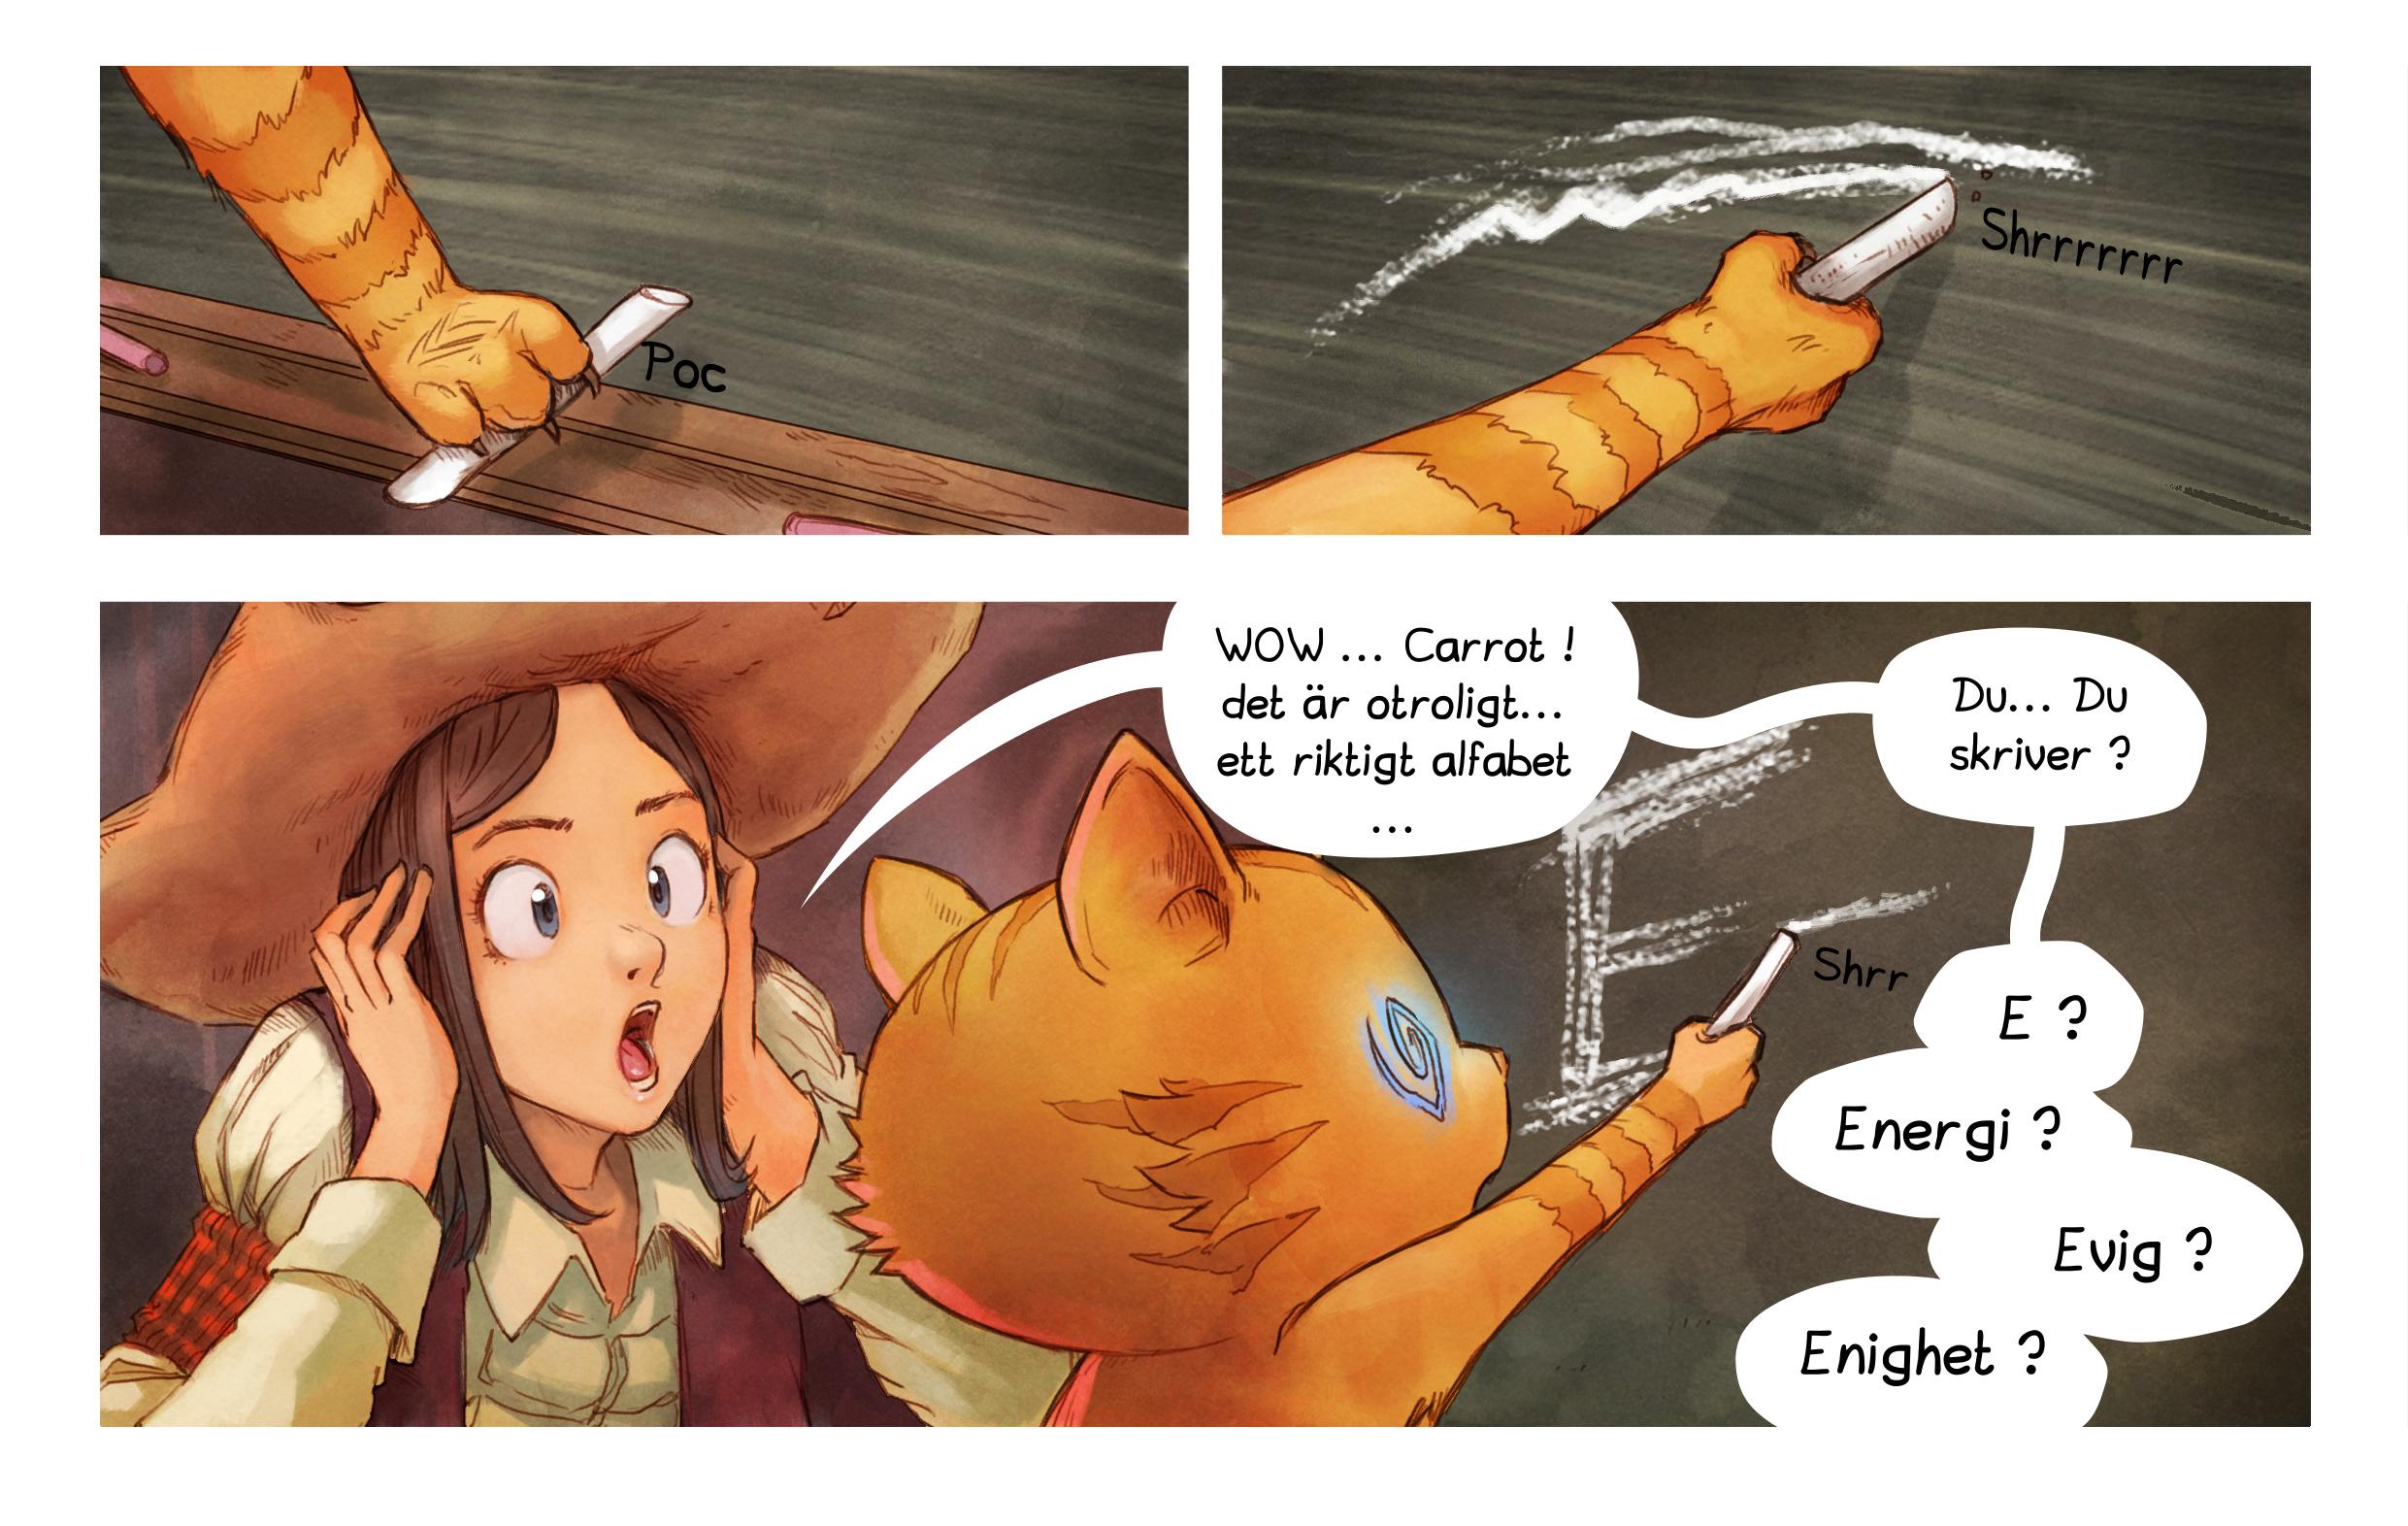 Episode 4: Genidraget, Page 6